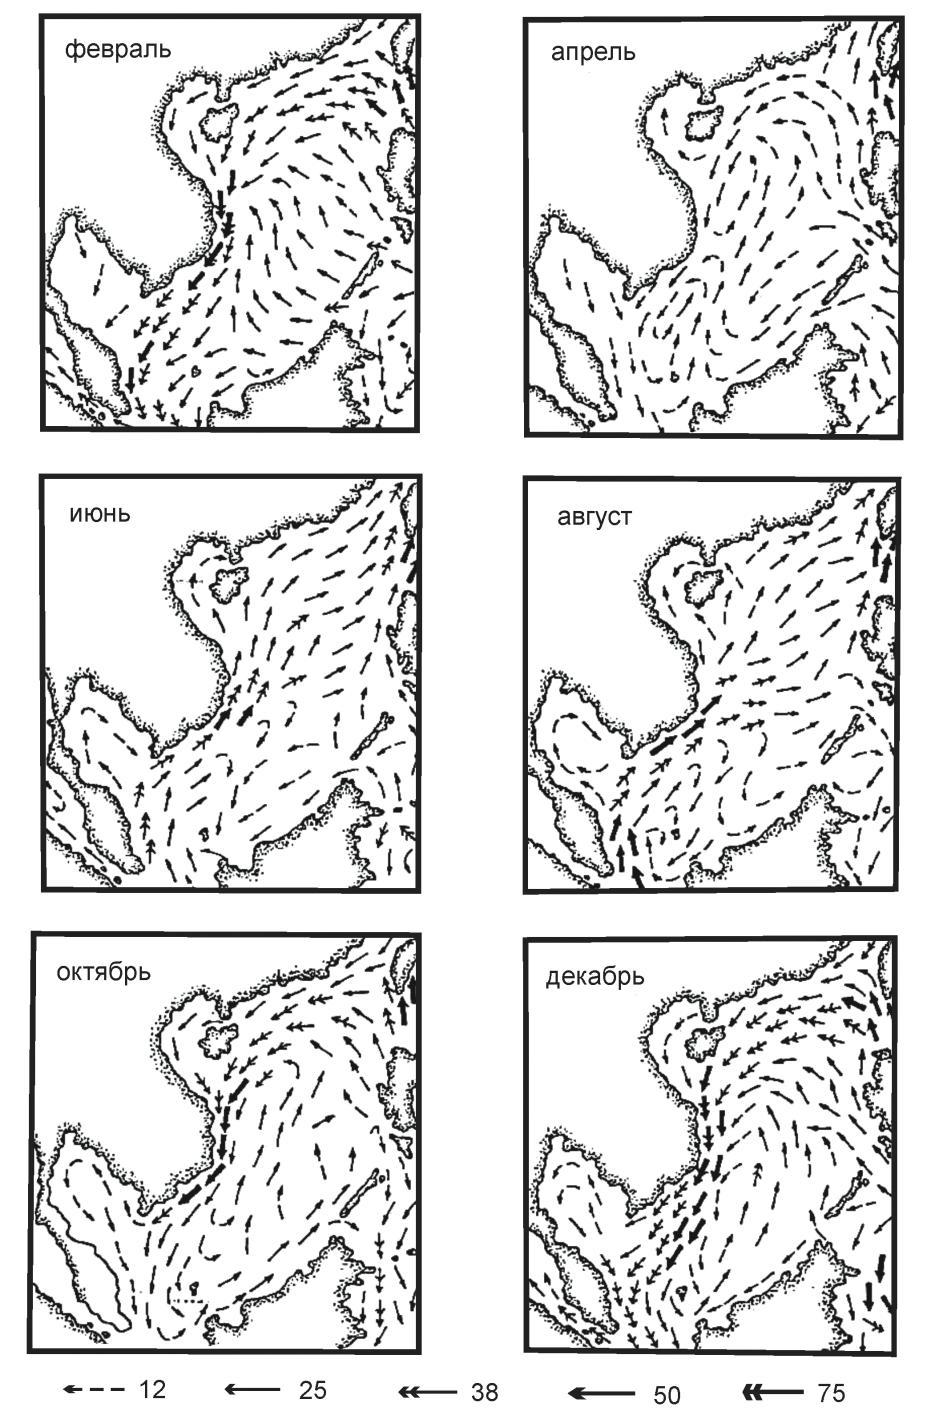 Рис. 4. Среднемесячные карты поверхностных течений Южно-Китайского моря, созданные на основании исторических данных до 1961 г. (Wyrtki. Scientific Results of Marine Investigation… P. 7)